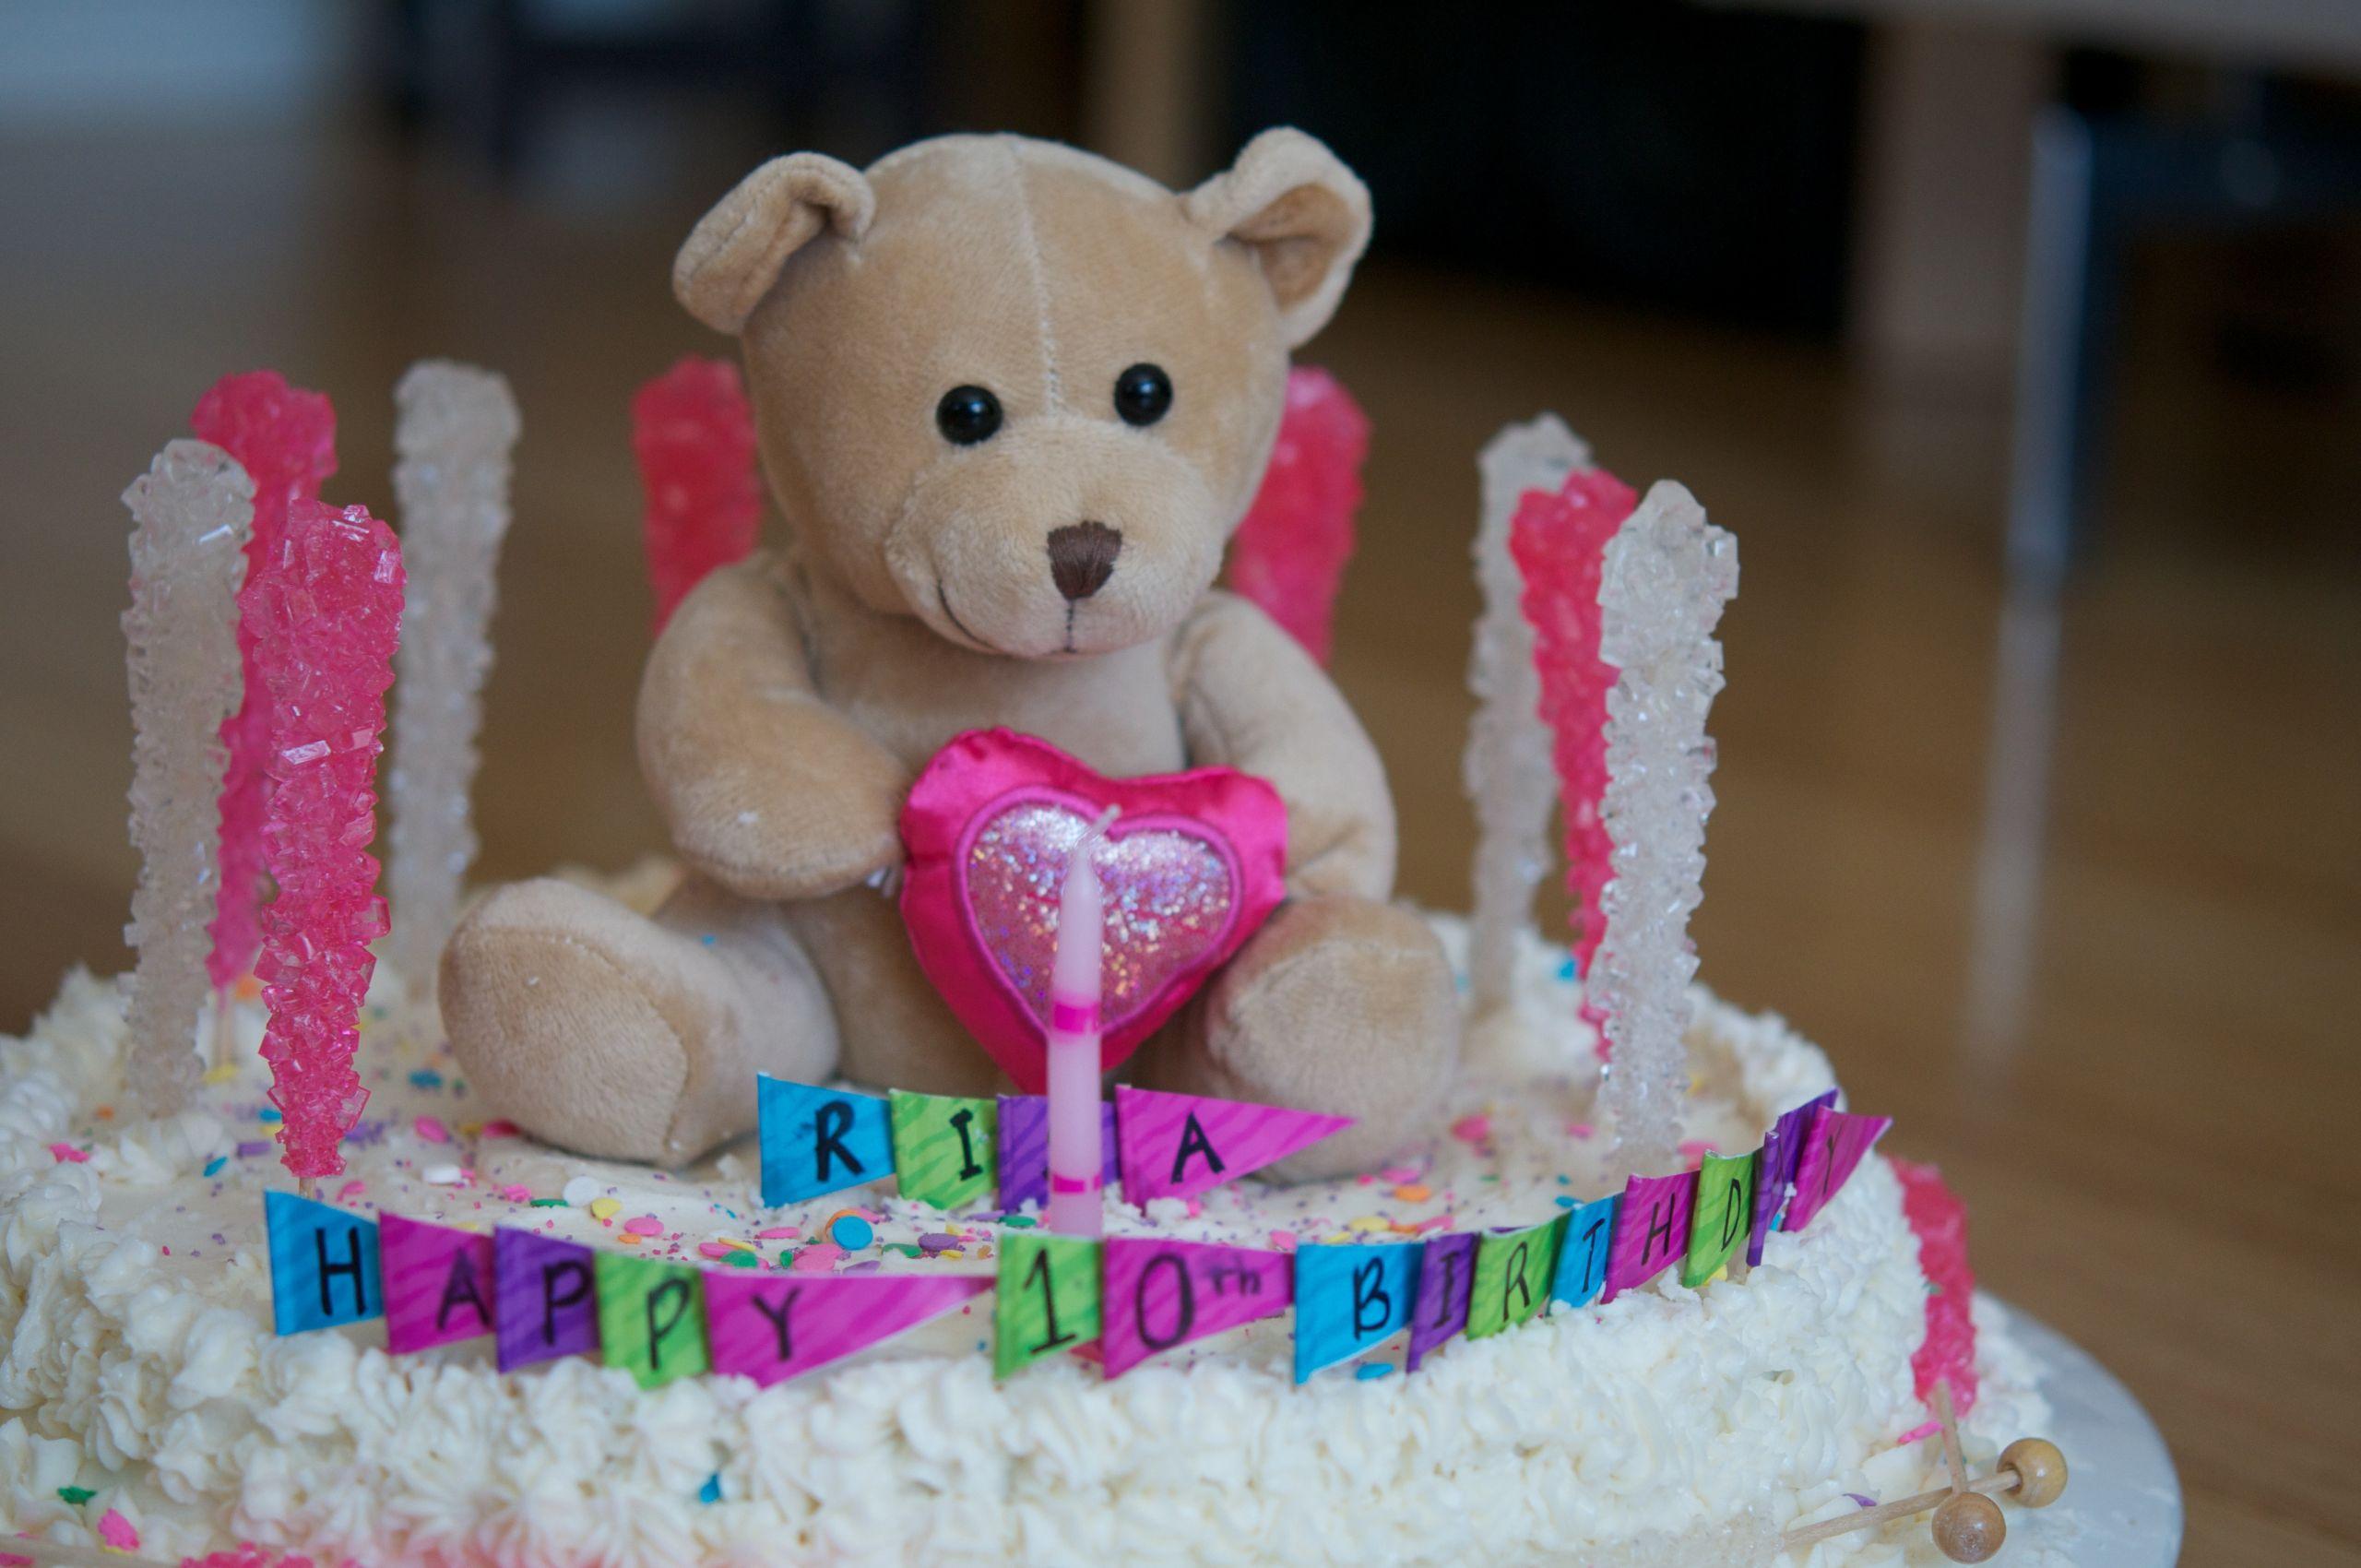 Bear Birthday Cake  Build A Bear Birthday Party Cake Teddy Bear Cake